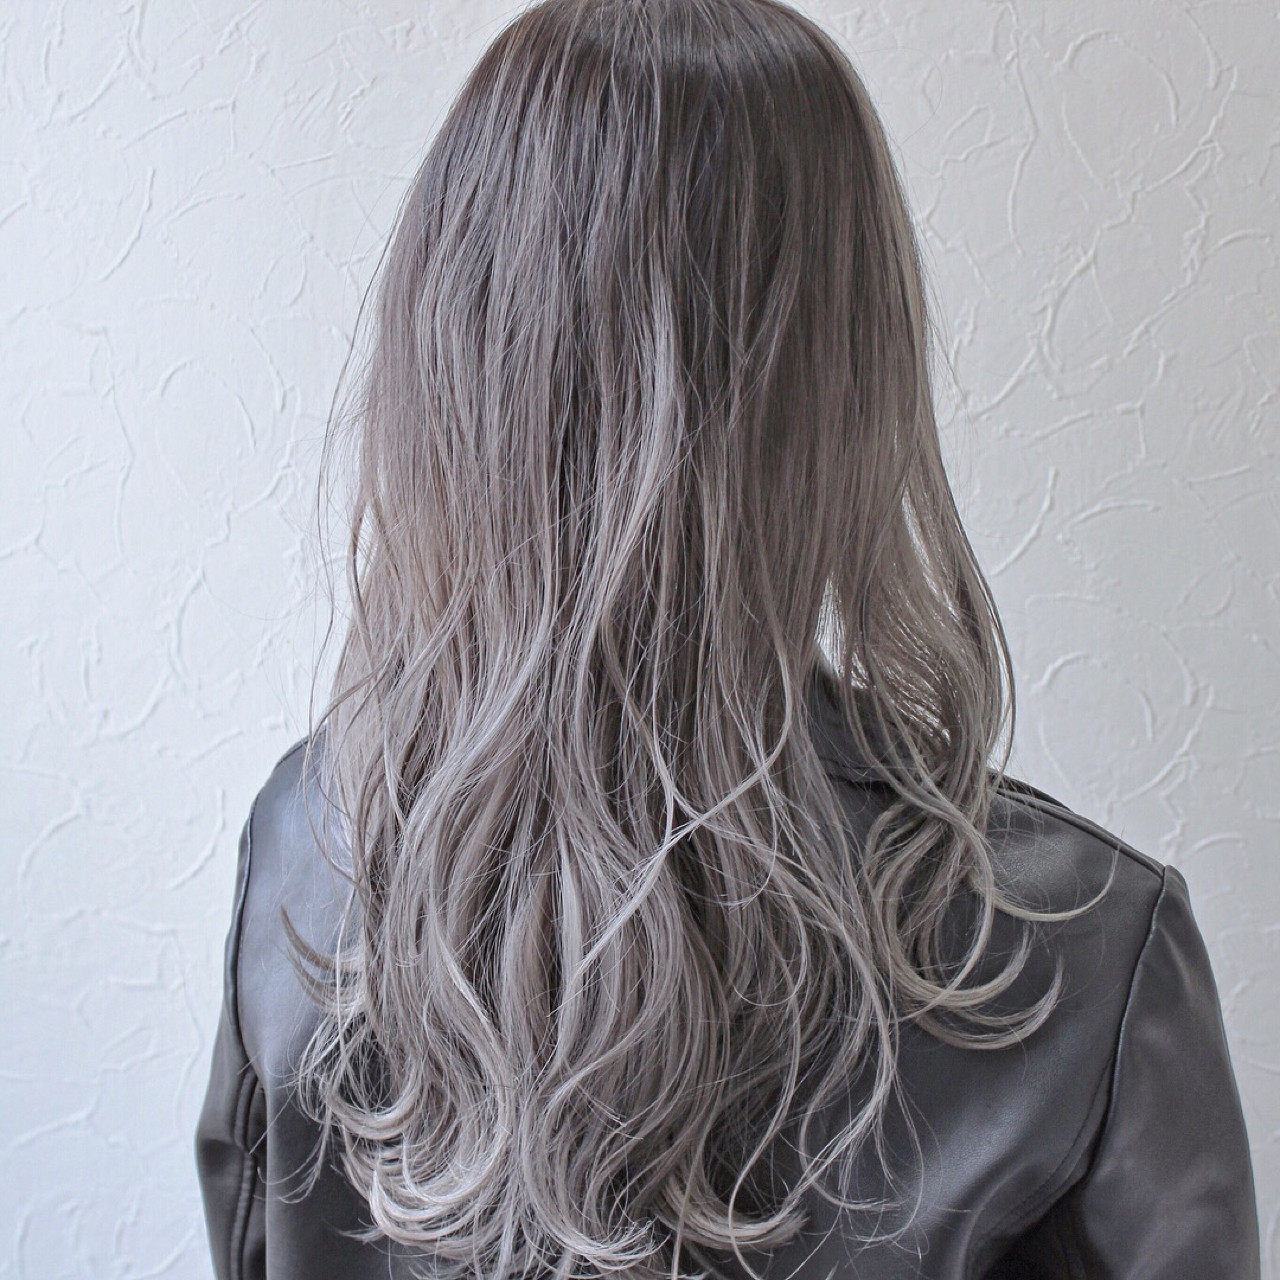 簡単ヘアアレンジ ヘアアレンジ ロング ストリートヘアスタイルや髪型の写真・画像